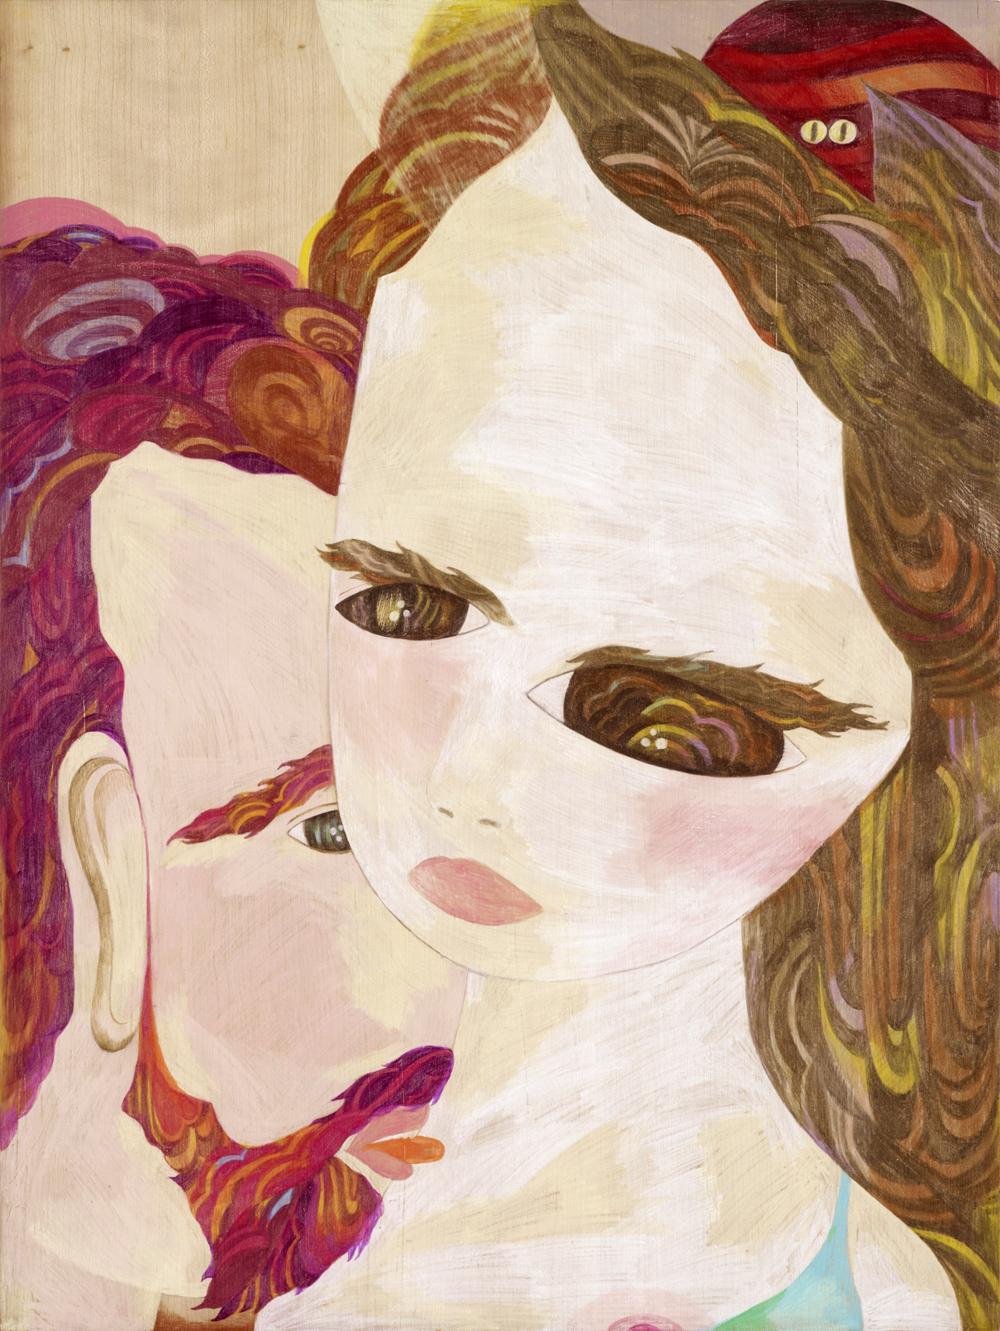 Sophie,  2010  80cm x 60m  Colour pencils on wood